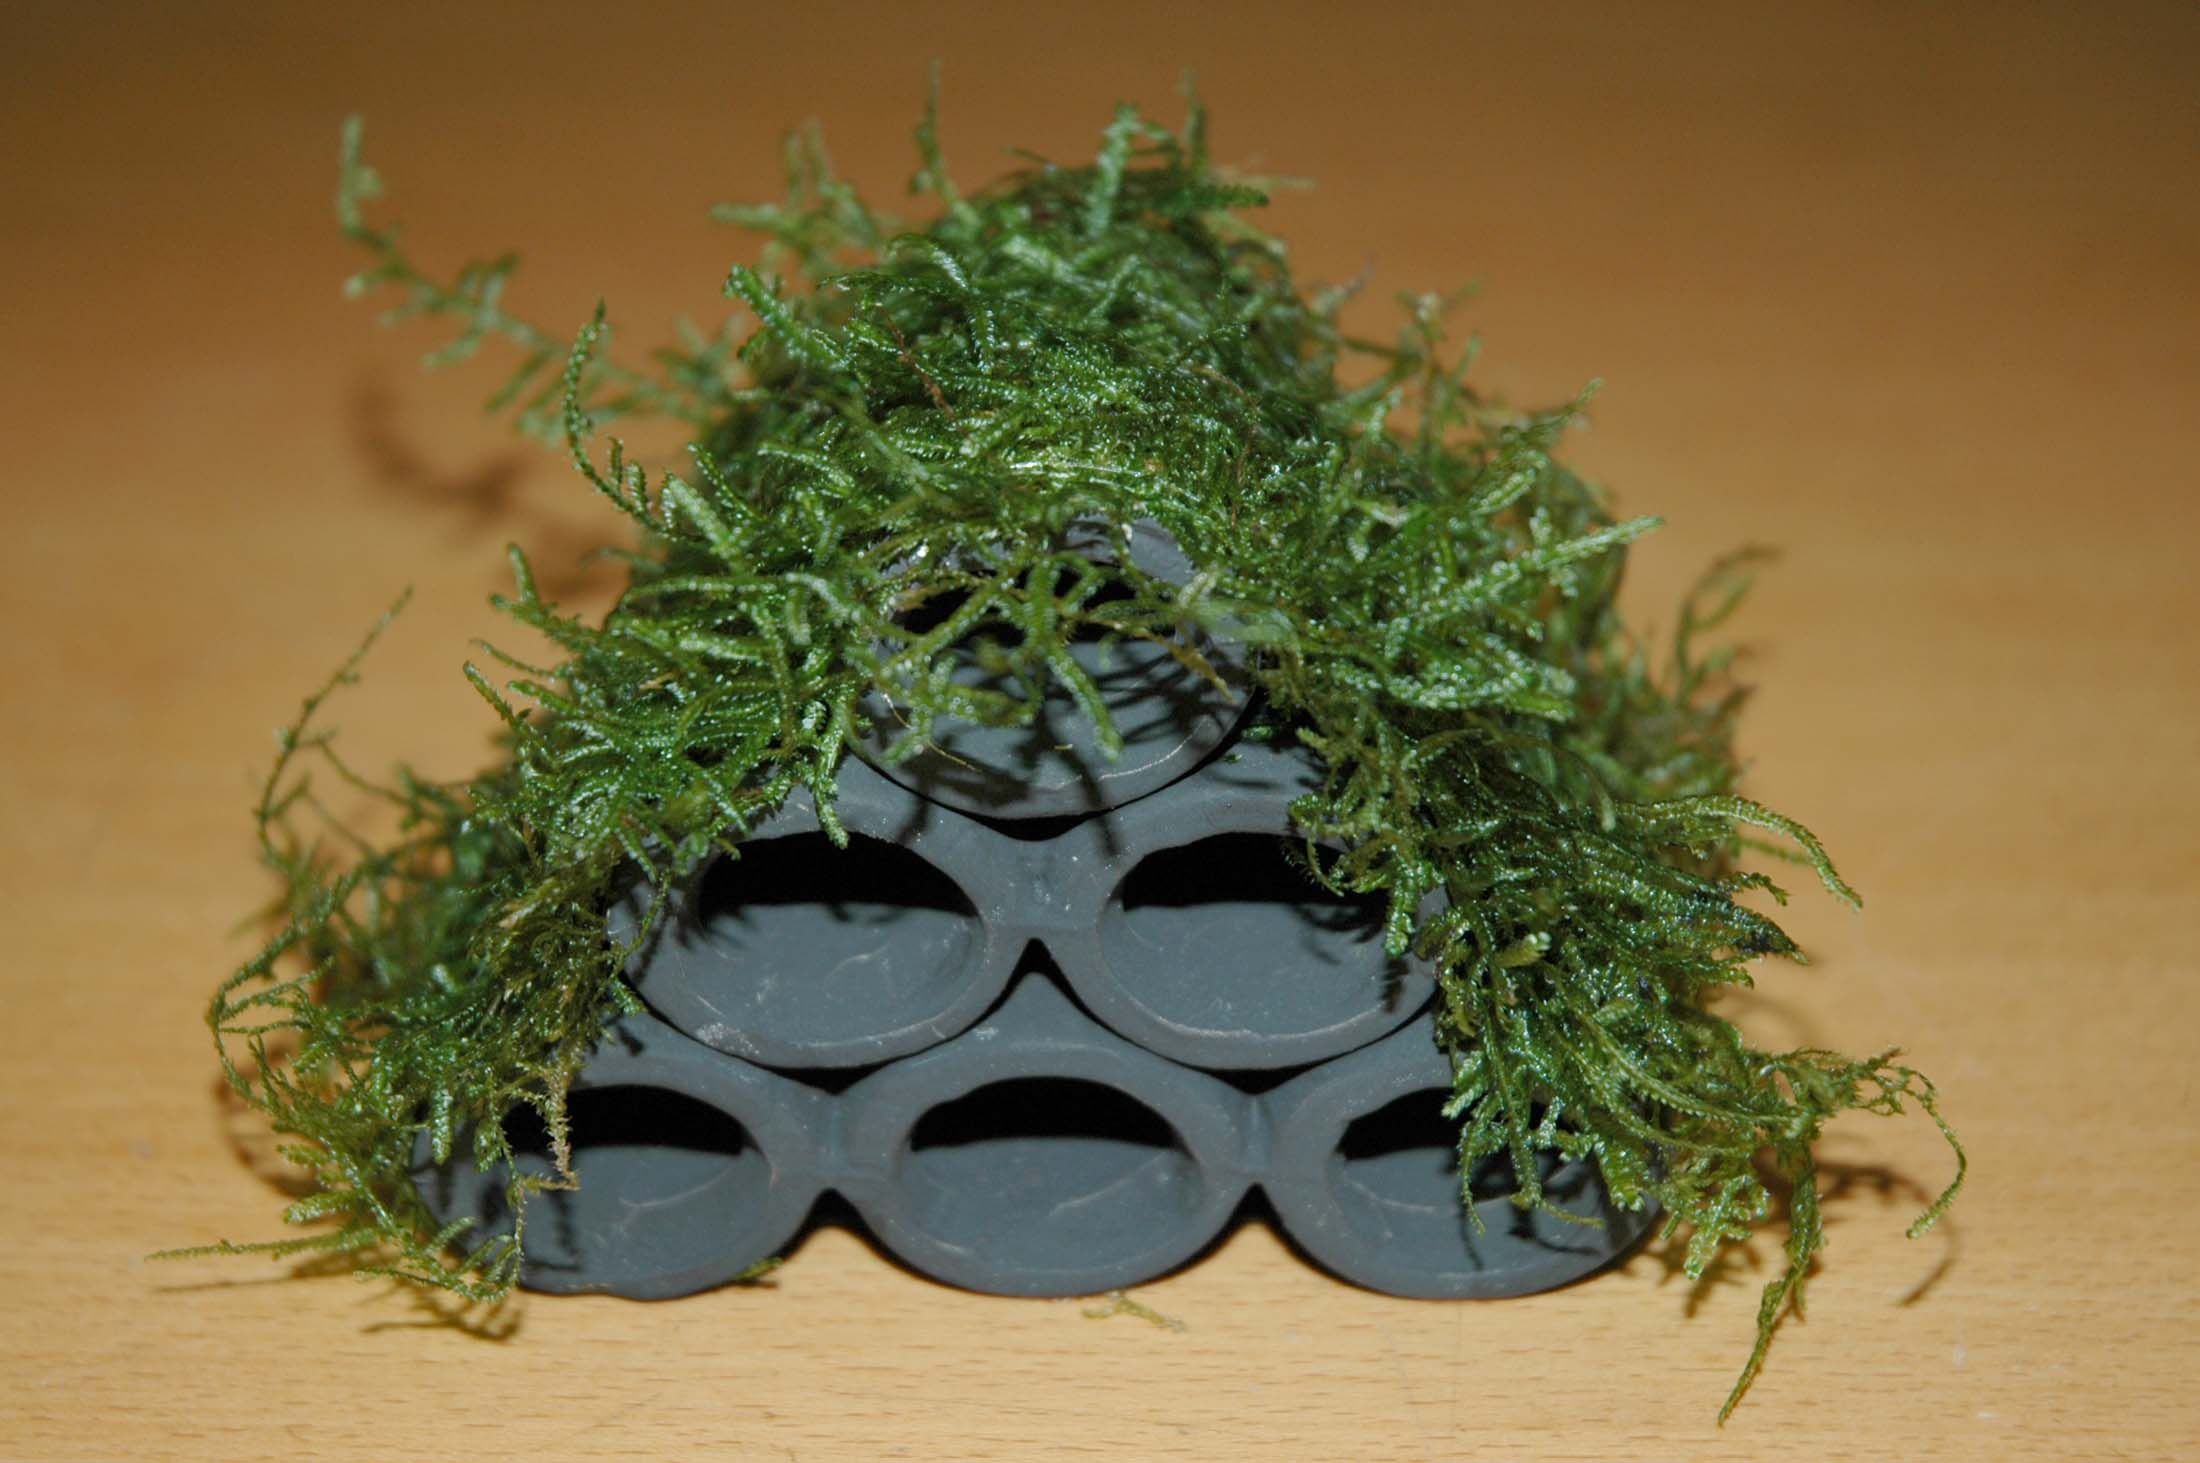 SF Garnalen pyramide met Christmas mos   Welkom bij aquarium planten com   nano inrichting